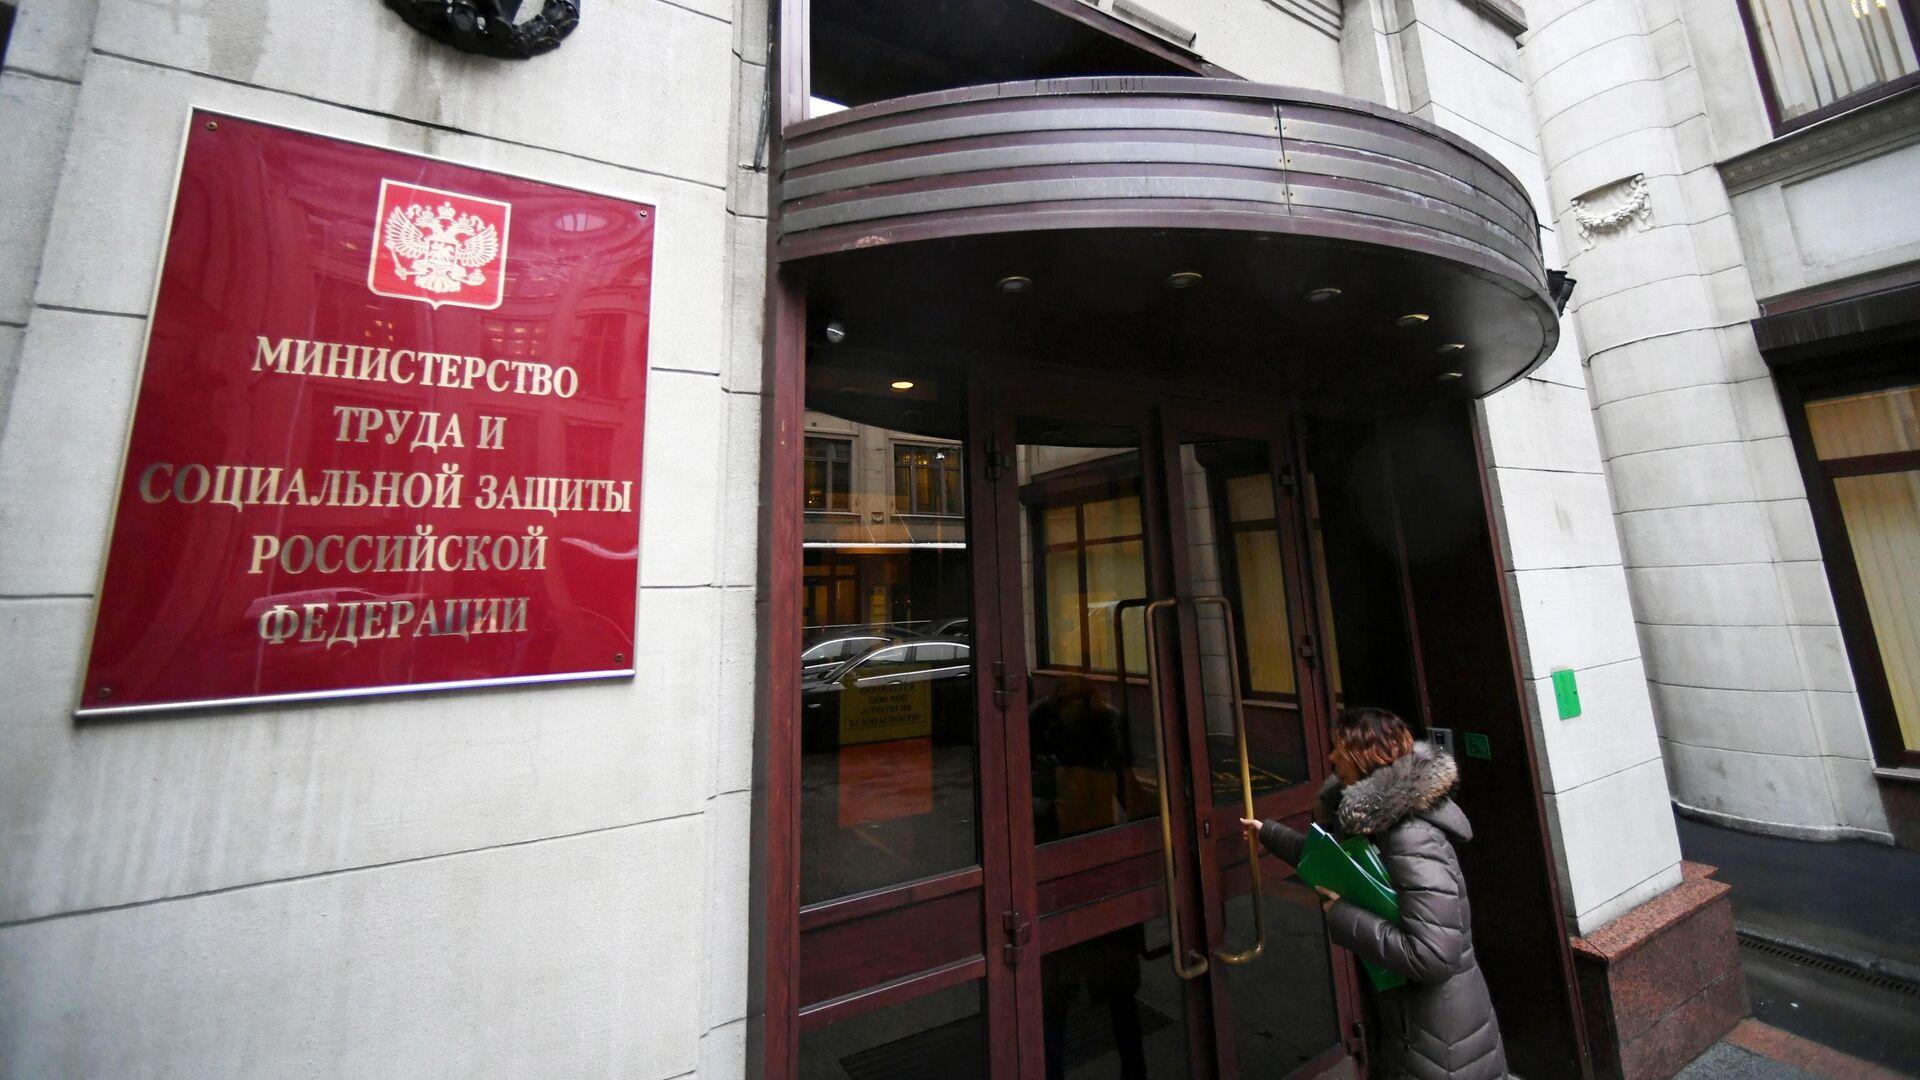 Здание Министерства труда и социальной защиты Российской Федерации - РИА Новости, 1920, 29.10.2020